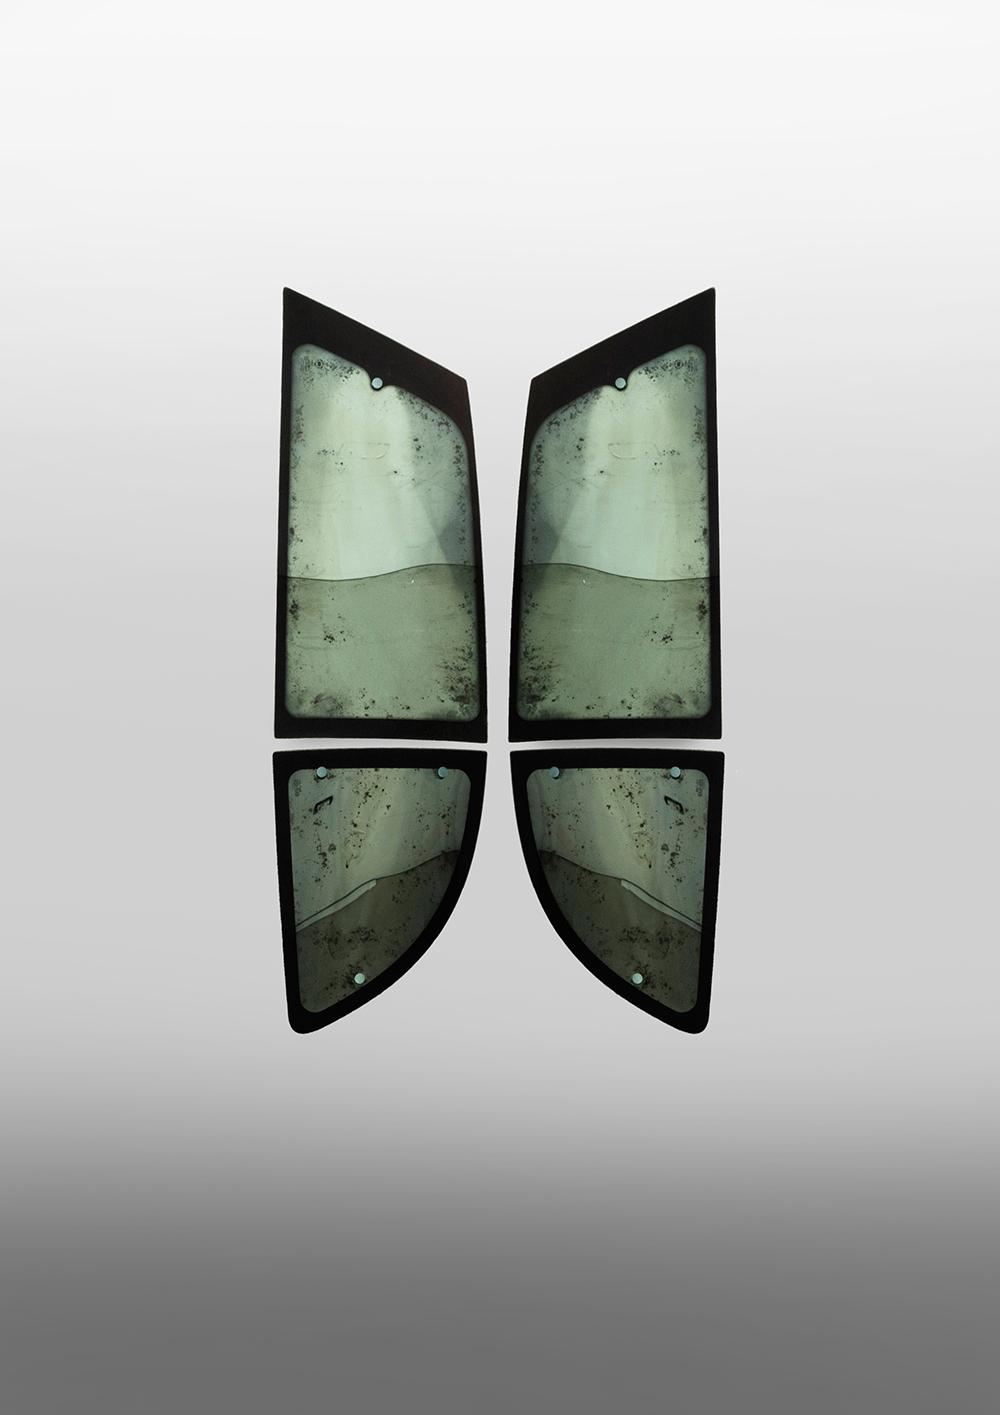 StudioNucleo_souvenir mirrors_composition_2